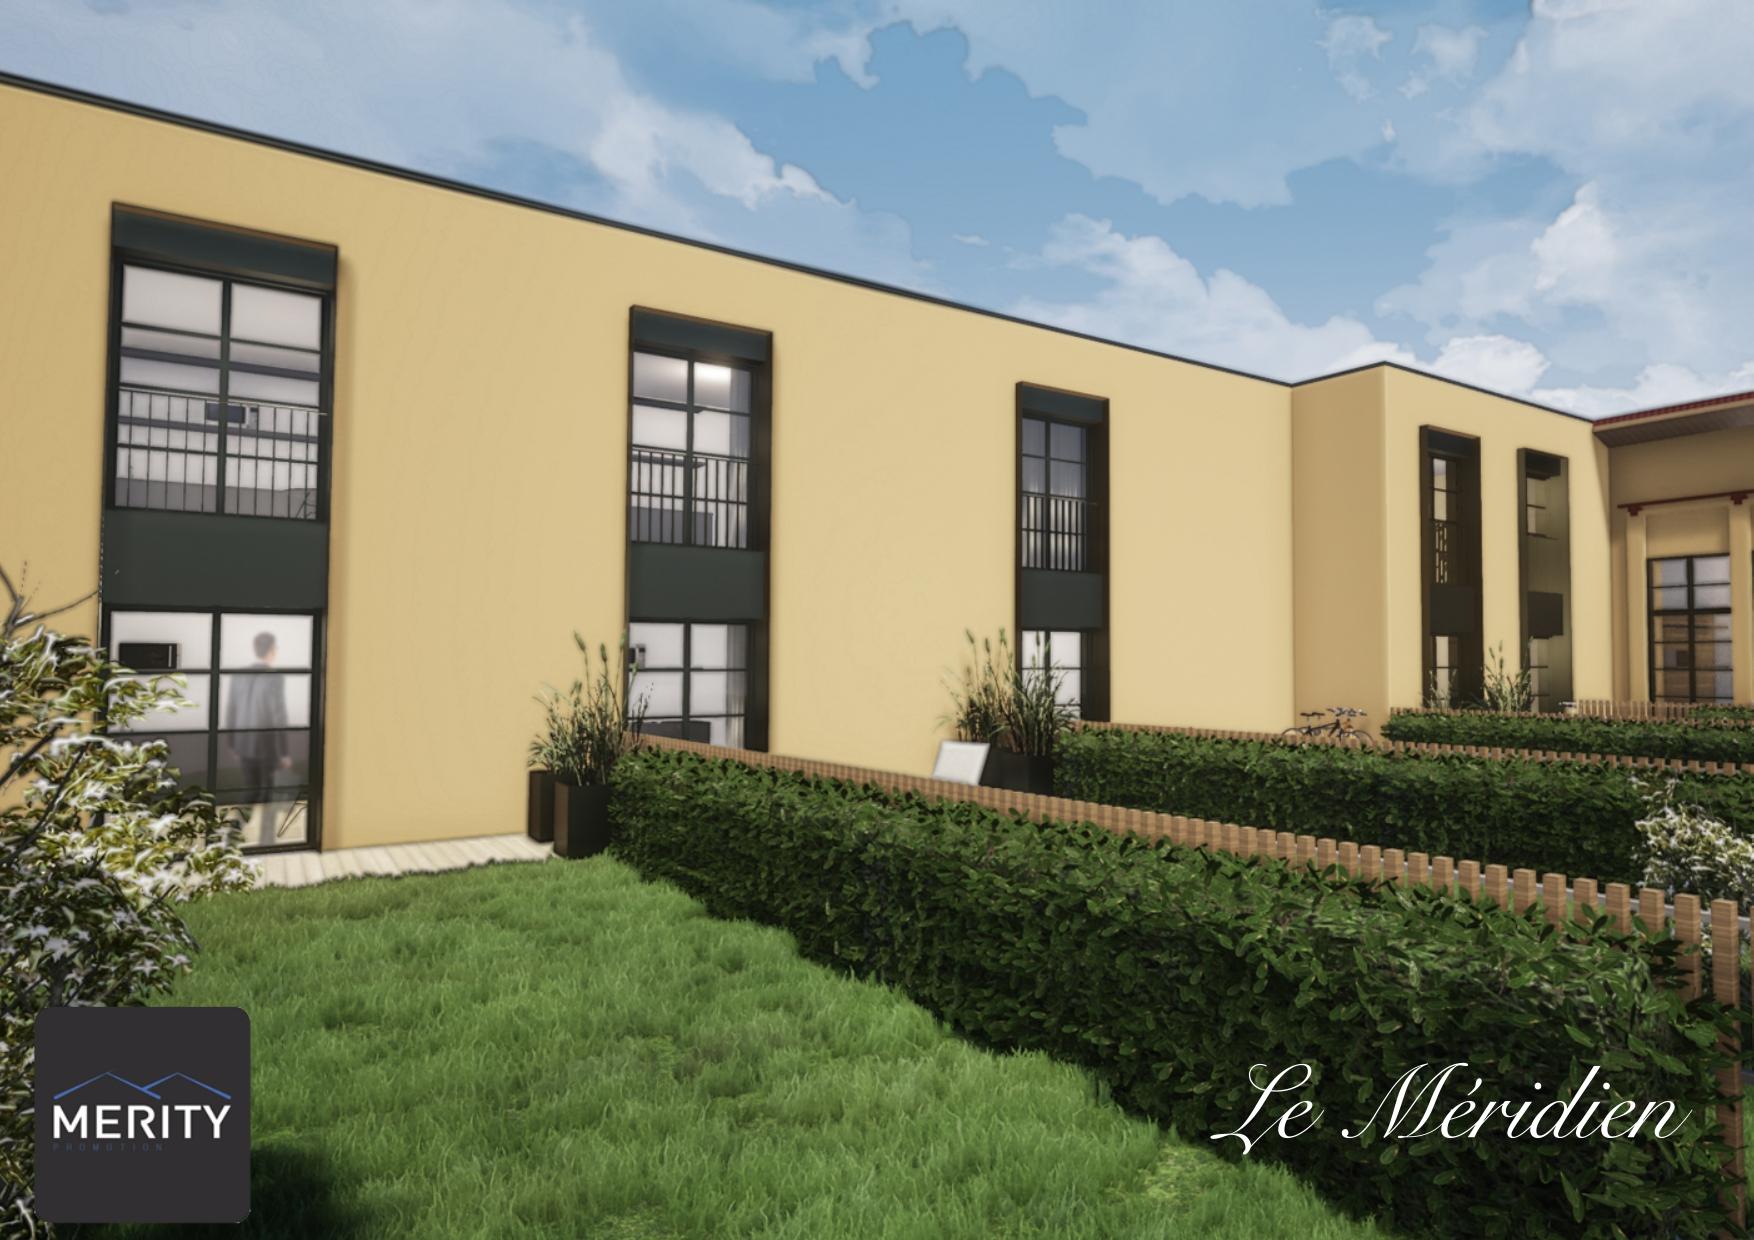 Programme immobilier REA1 appartement à Charbonnière les bains(69260) Emplacement idéal